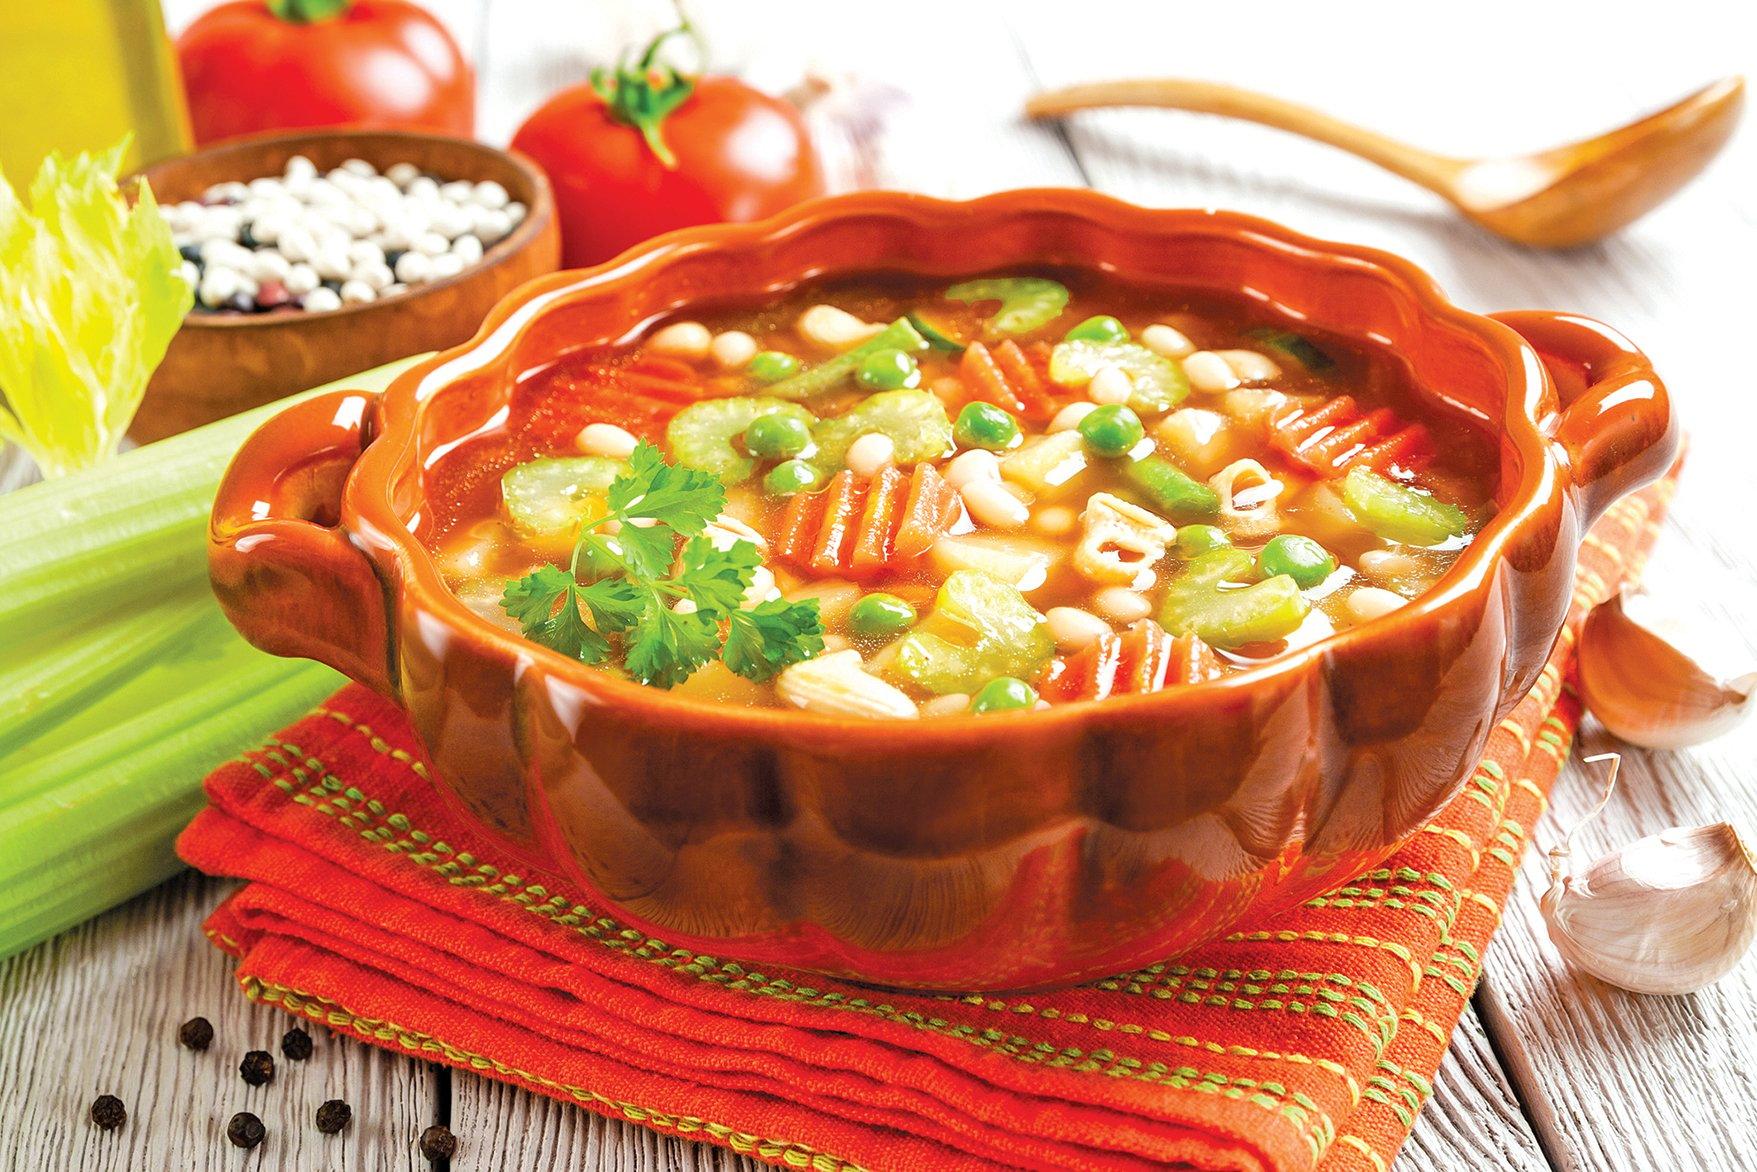 在雞湯中加入冷凍蔬菜和通心麵煮,就是簡單美味的一餐。